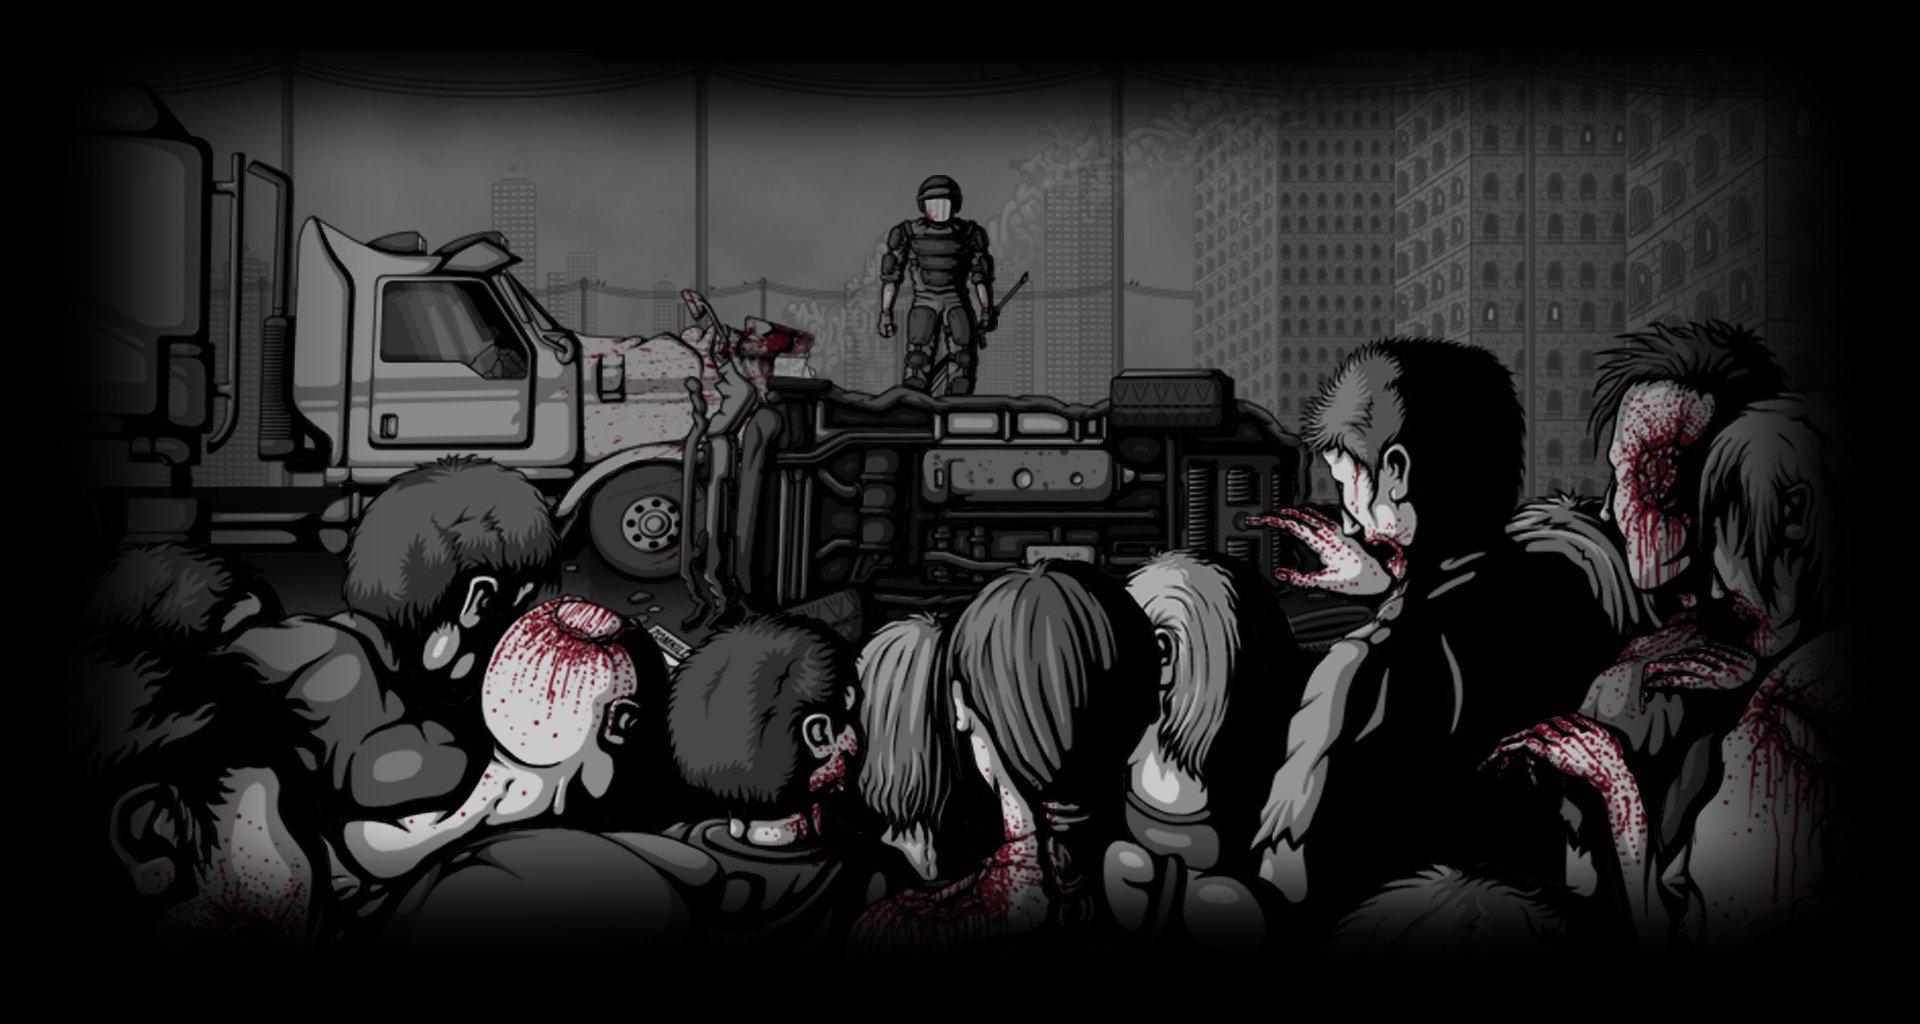 Fondos De Patalla: OMG Zombies! Fondo De Pantalla And Fondo De Escritorio